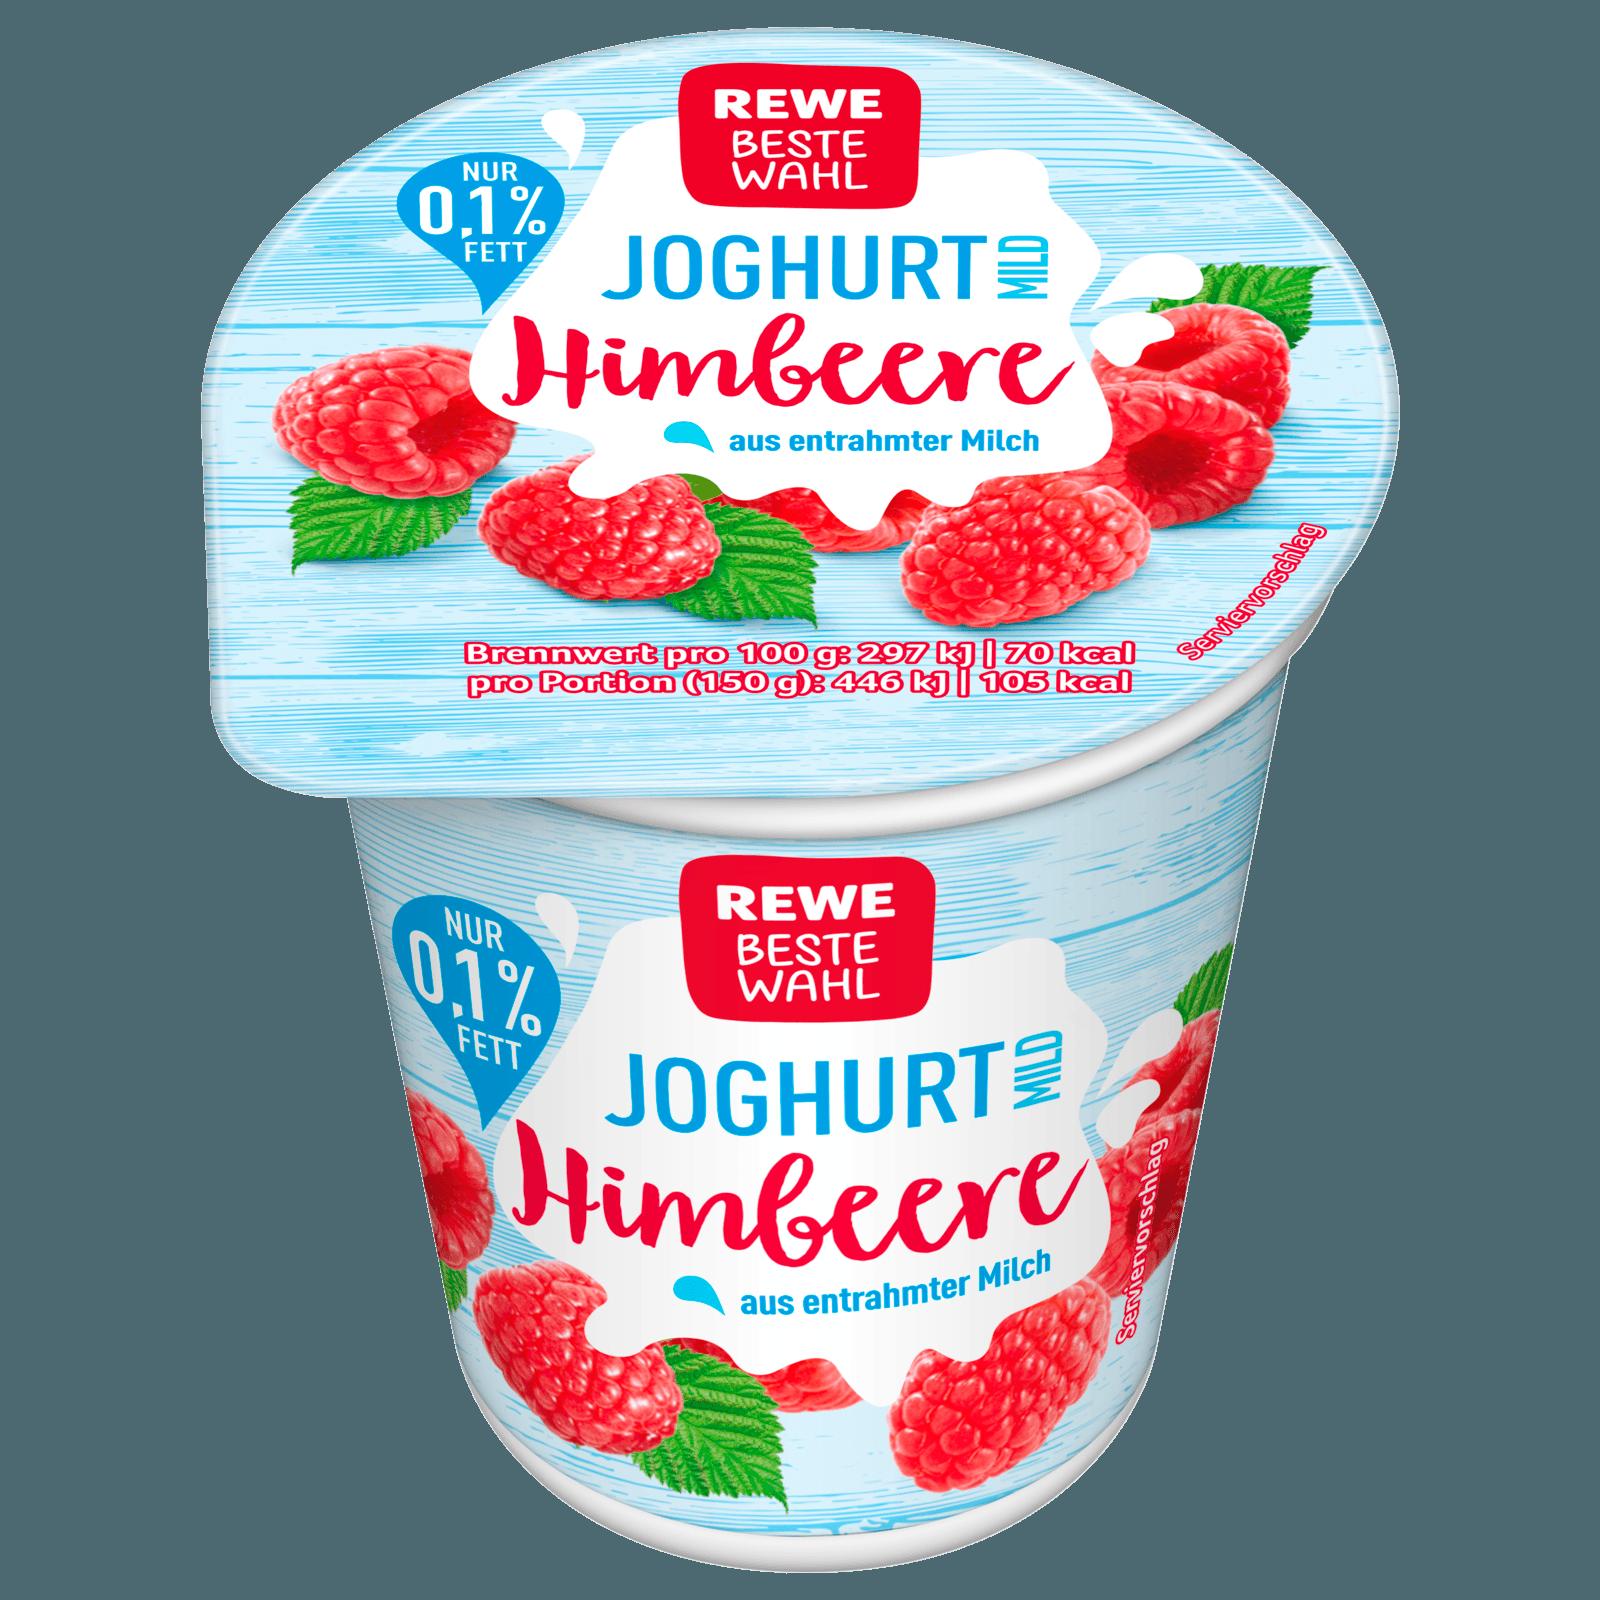 REWE Beste Wahl Fruchtjoghurt mild Himbeere 150g